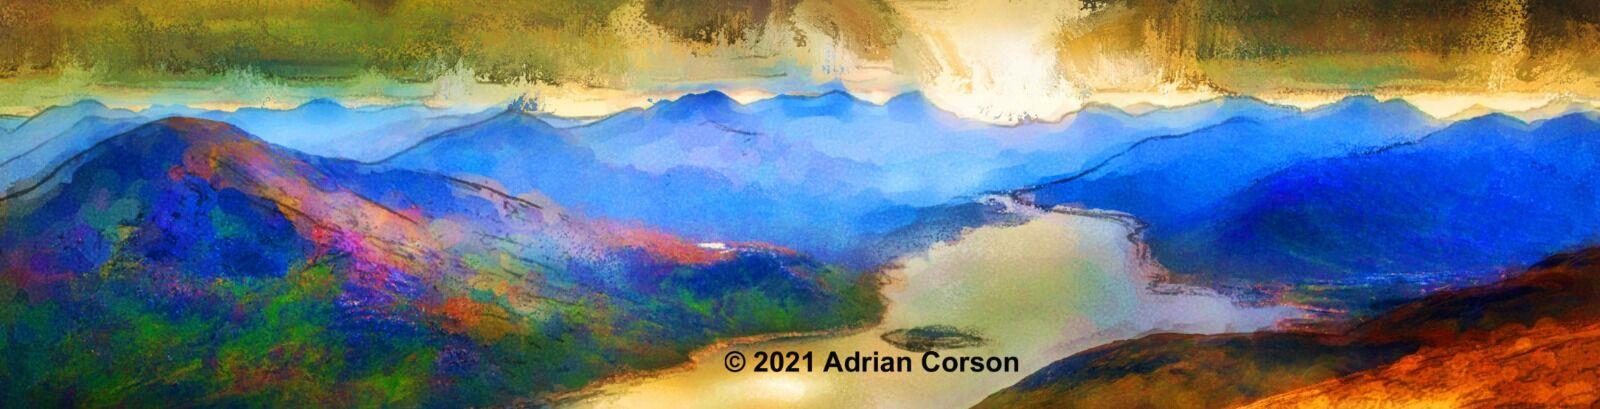 185-blue mountain loch